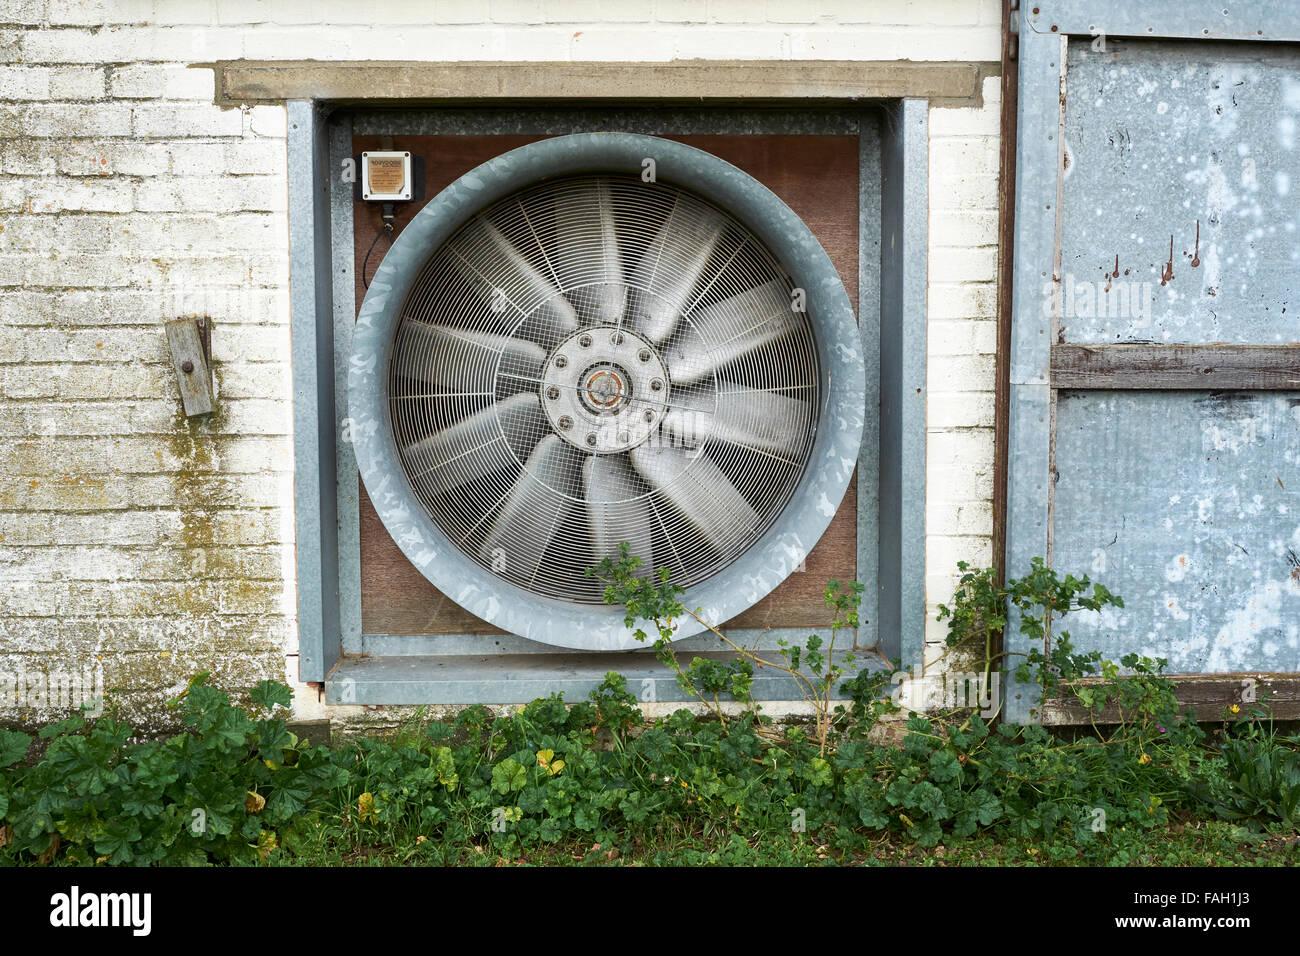 Industrielle Trocknung Lüfter in einer landwirtschaftlichen Getreide Lagerhalle gebaut. Stockbild